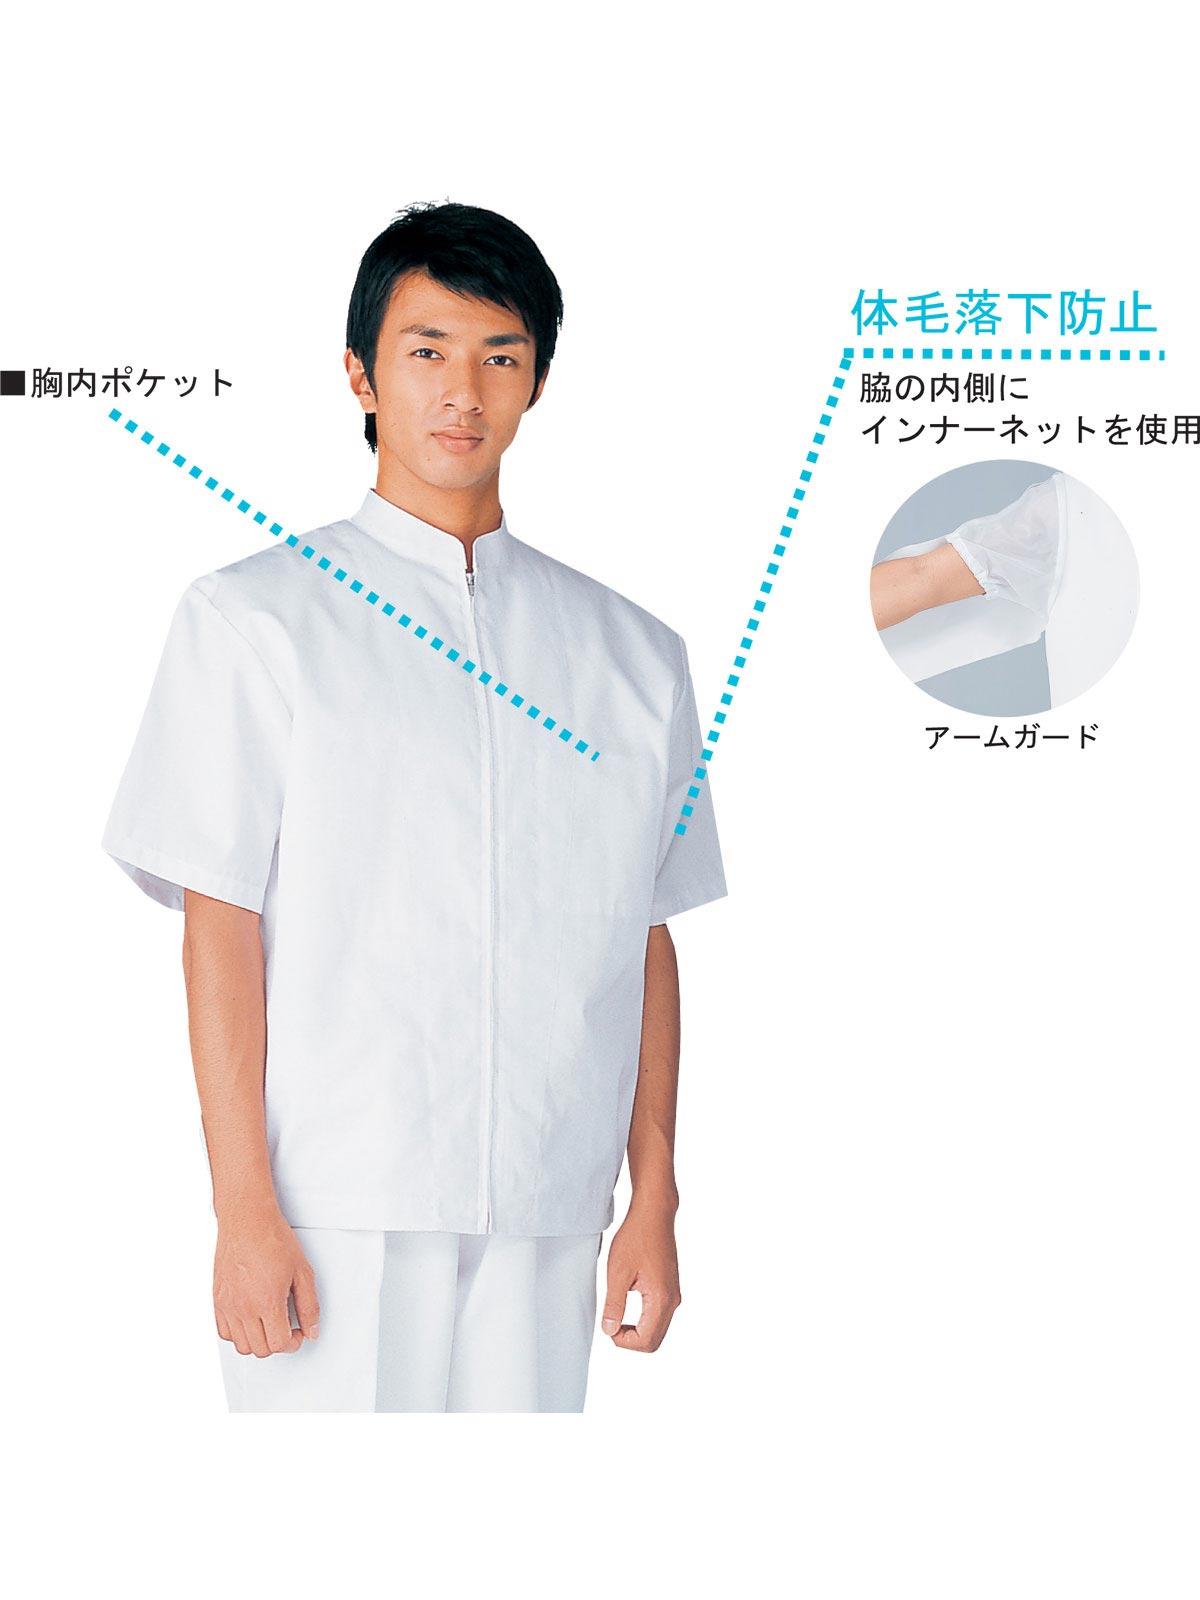 工場用白衣半袖 男女兼用 SKA2612 ホワイト